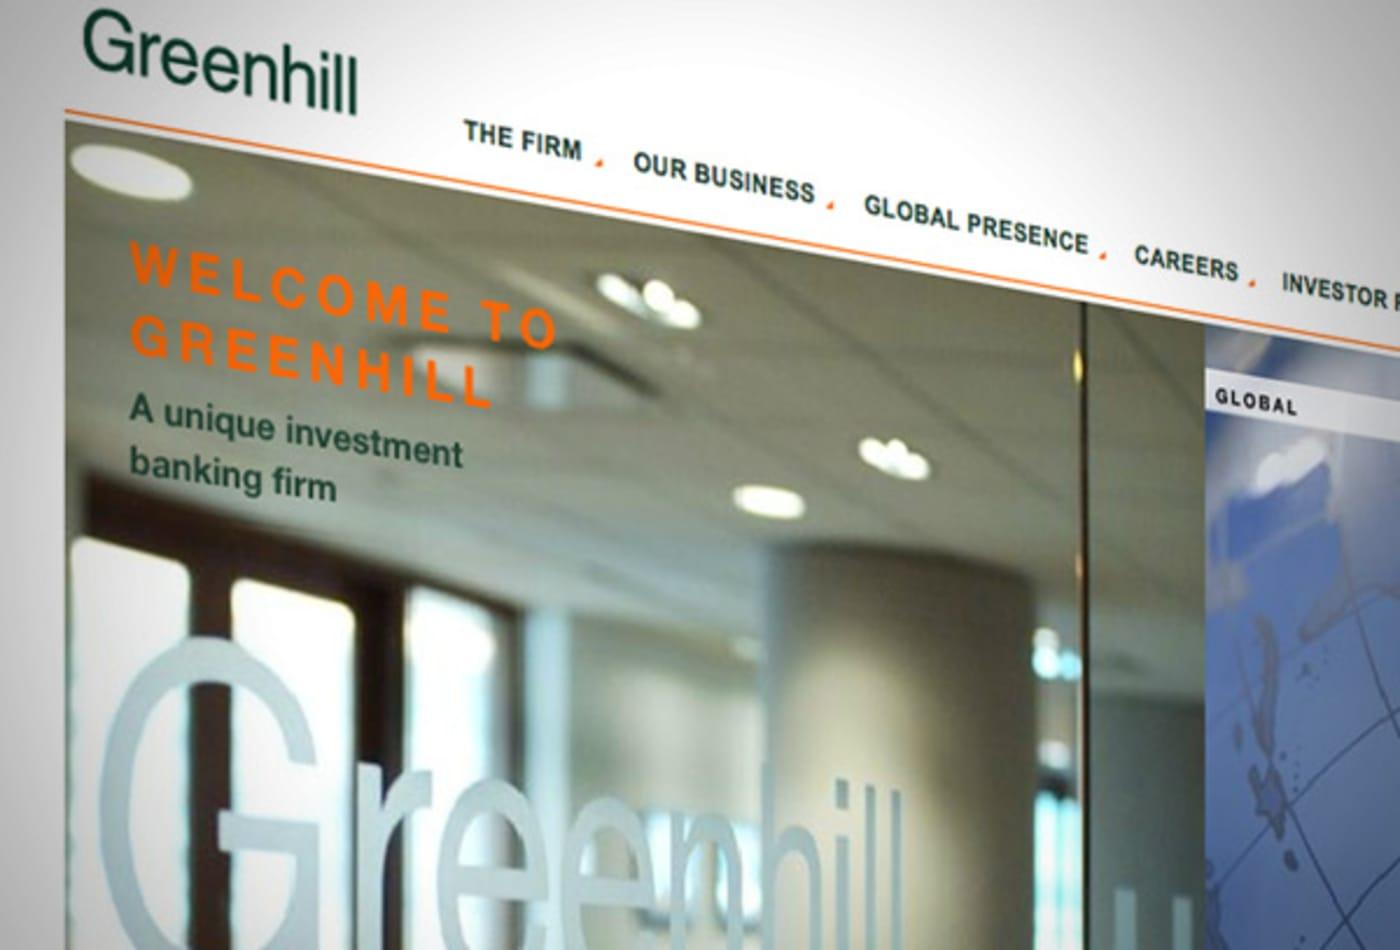 CNBC_best_workplaces_wallstreet_Greenhill.jpg